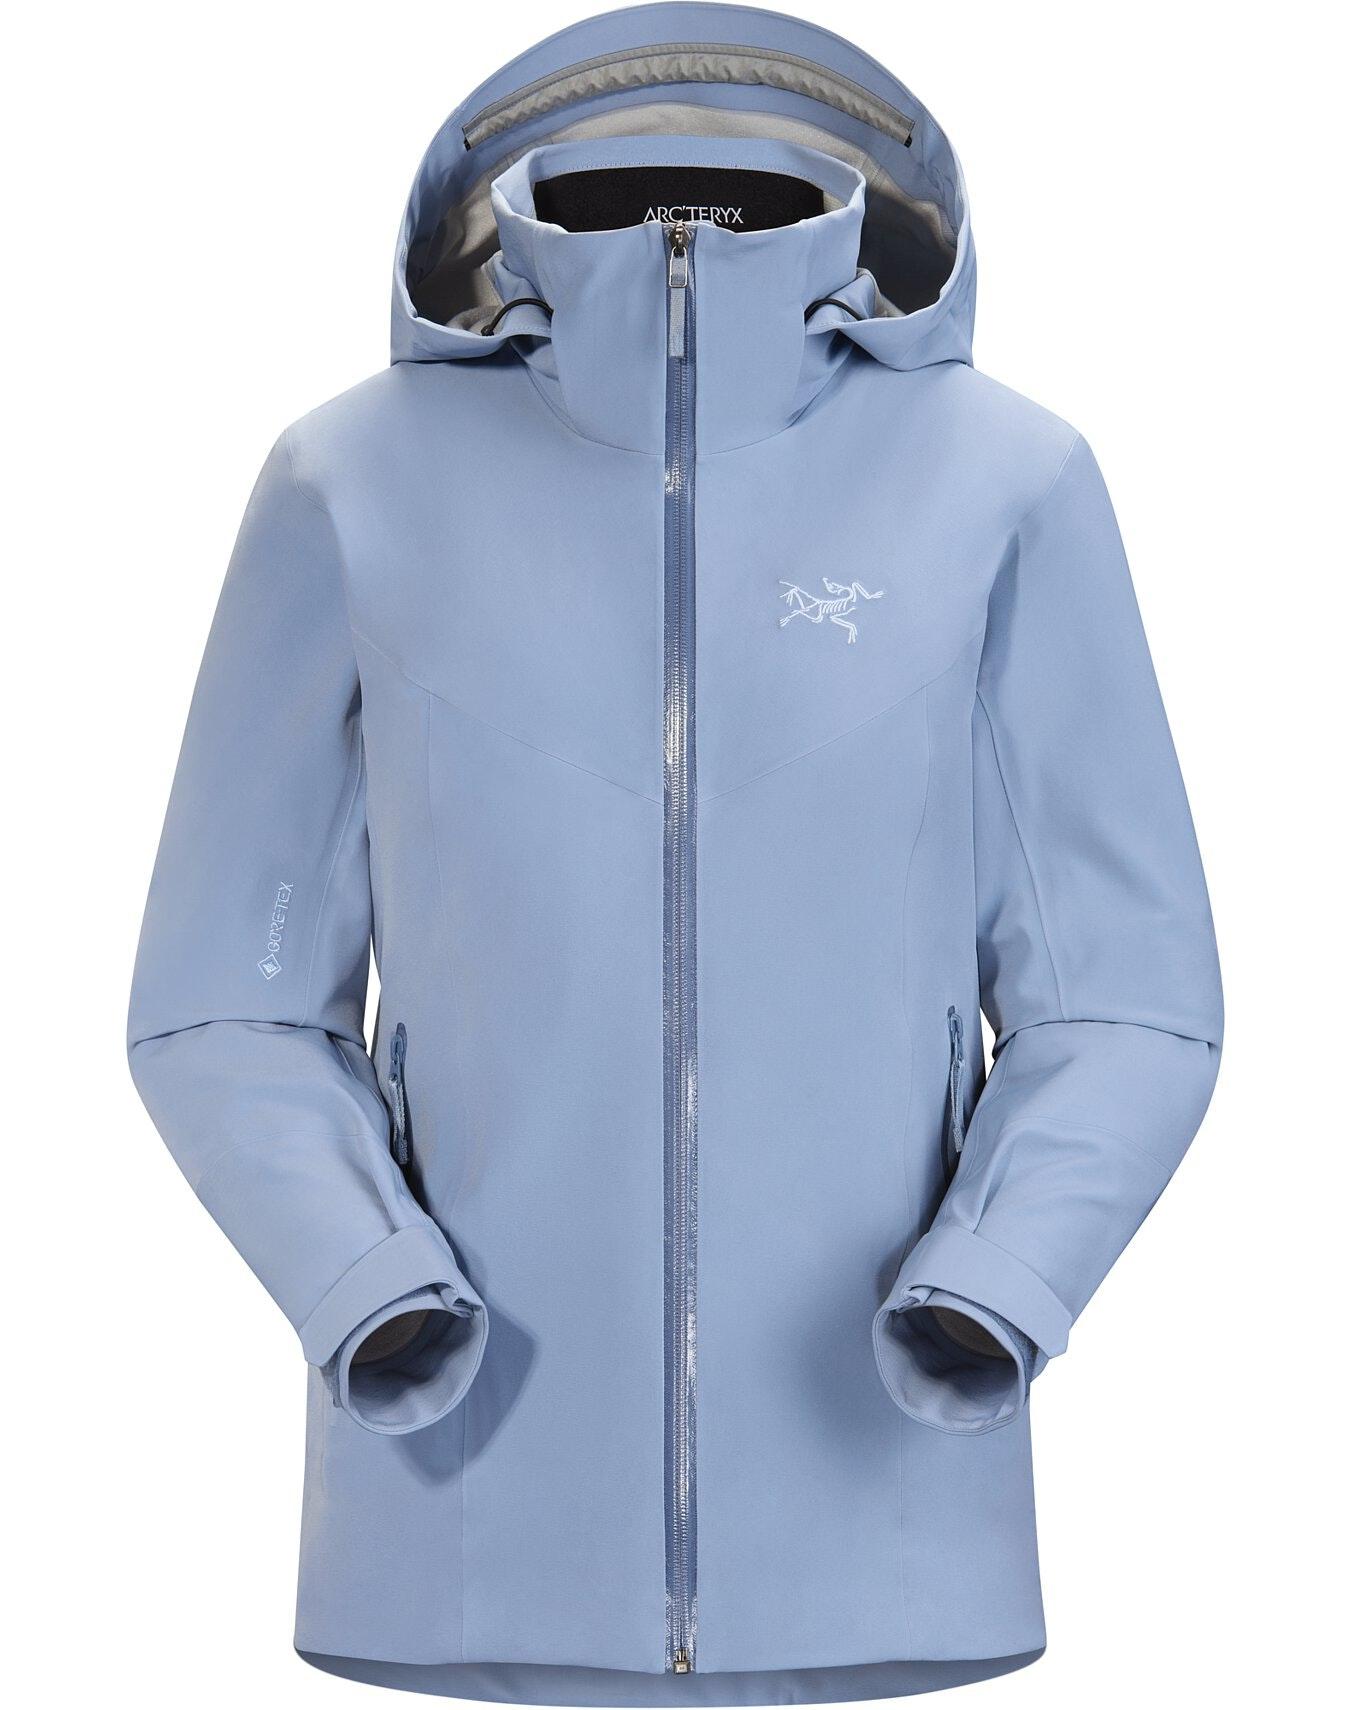 Ravenna Jacket Zephyr